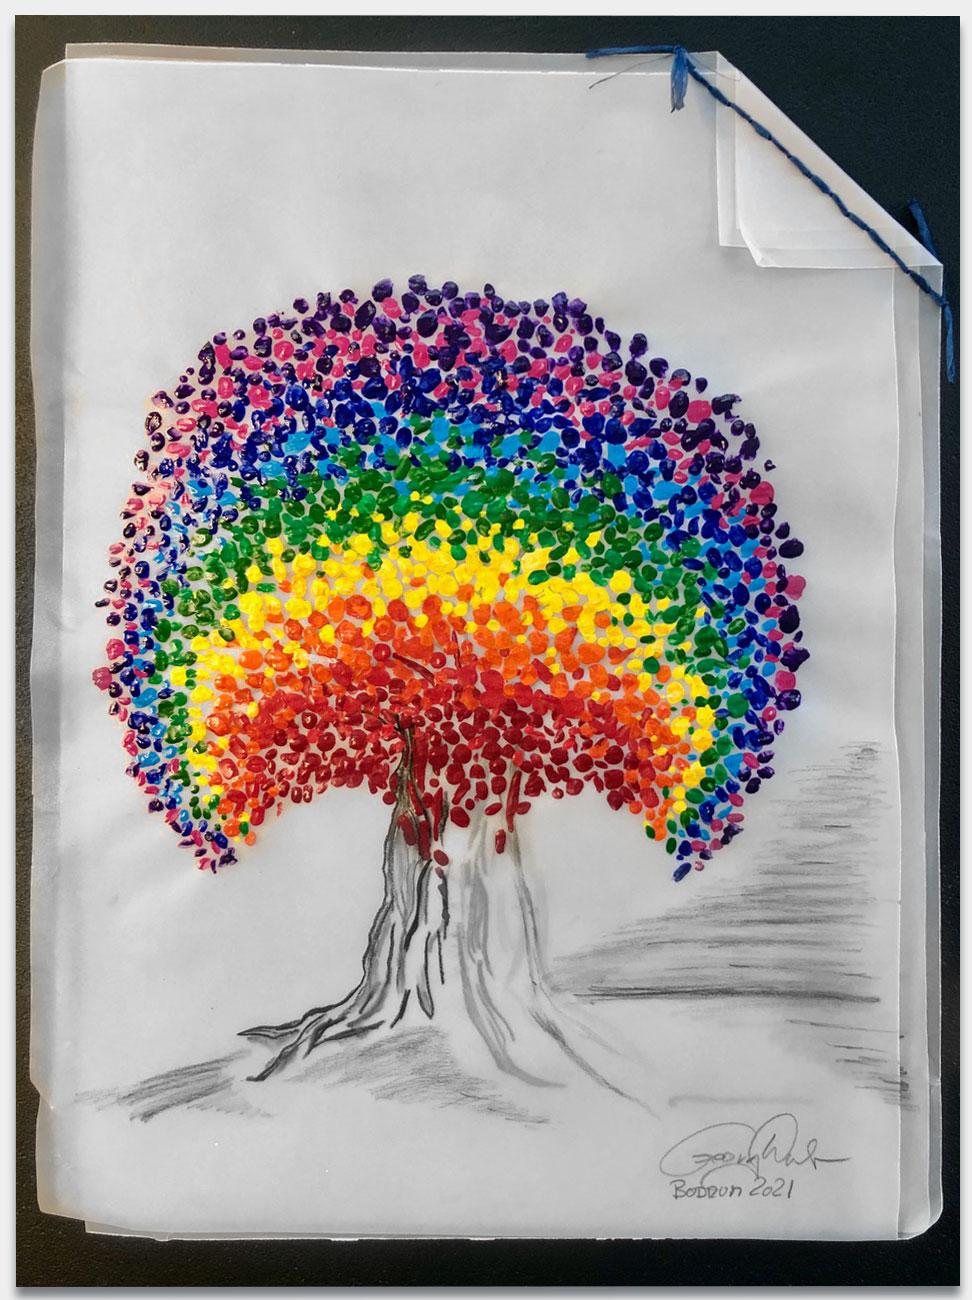 Huber, Georg P., Abteilungsdirektor Allianz Eventmanagement, 'The-Diversity-Tree', 45x35 cm ungerahmt, 60x50-cm-gerahmt, Acryl und Kohle auf Pergament, handsigniert, gerahmt